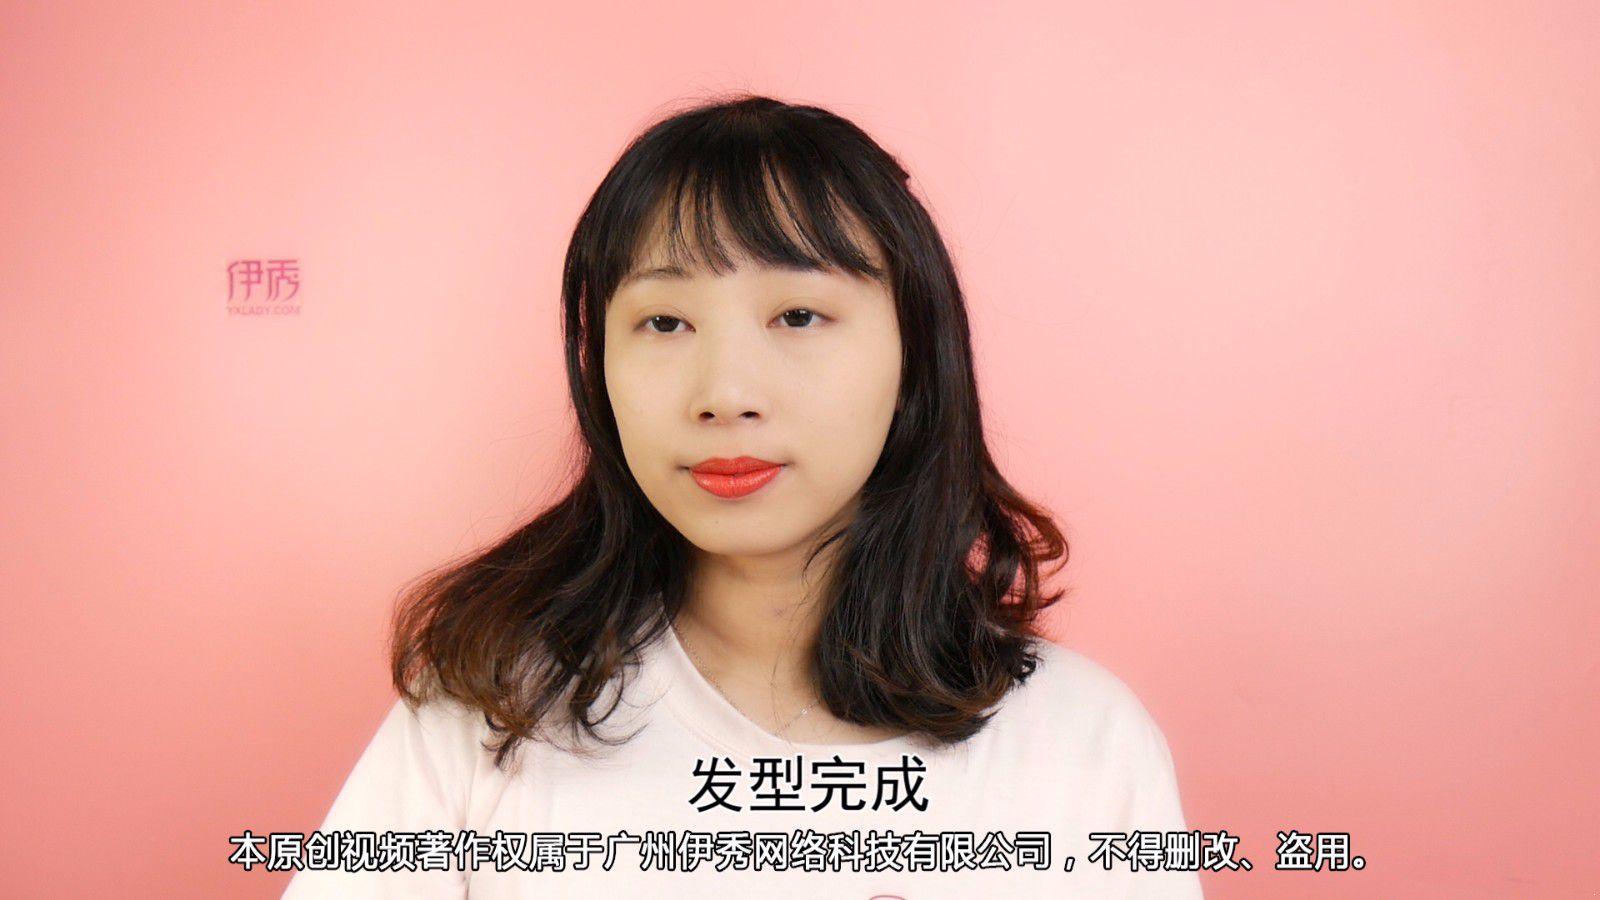 中短发烫发发型 帮你打造女人味的温柔图片